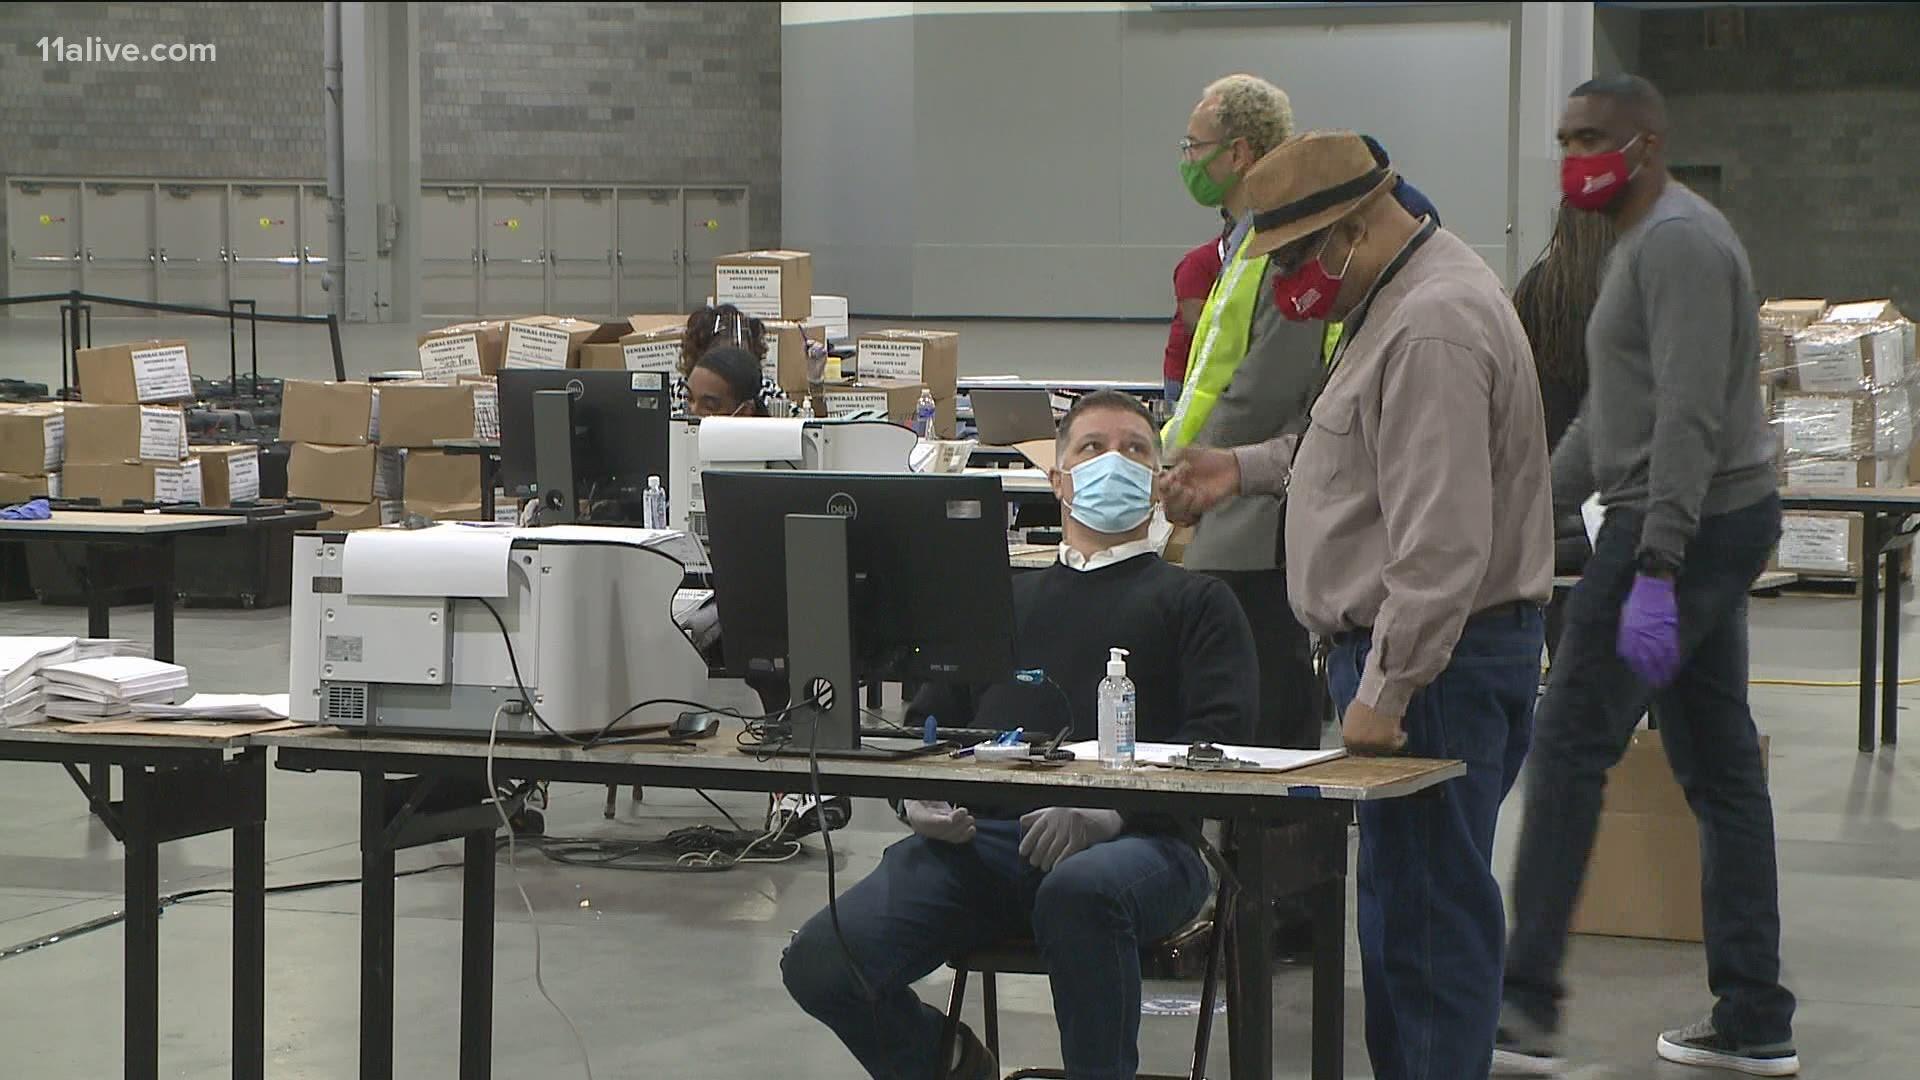 """Hàng trăm nghìn phiếu bầu thất lạc ở PA, máy chủ Dominion ở GA cũng """"mất tích"""""""